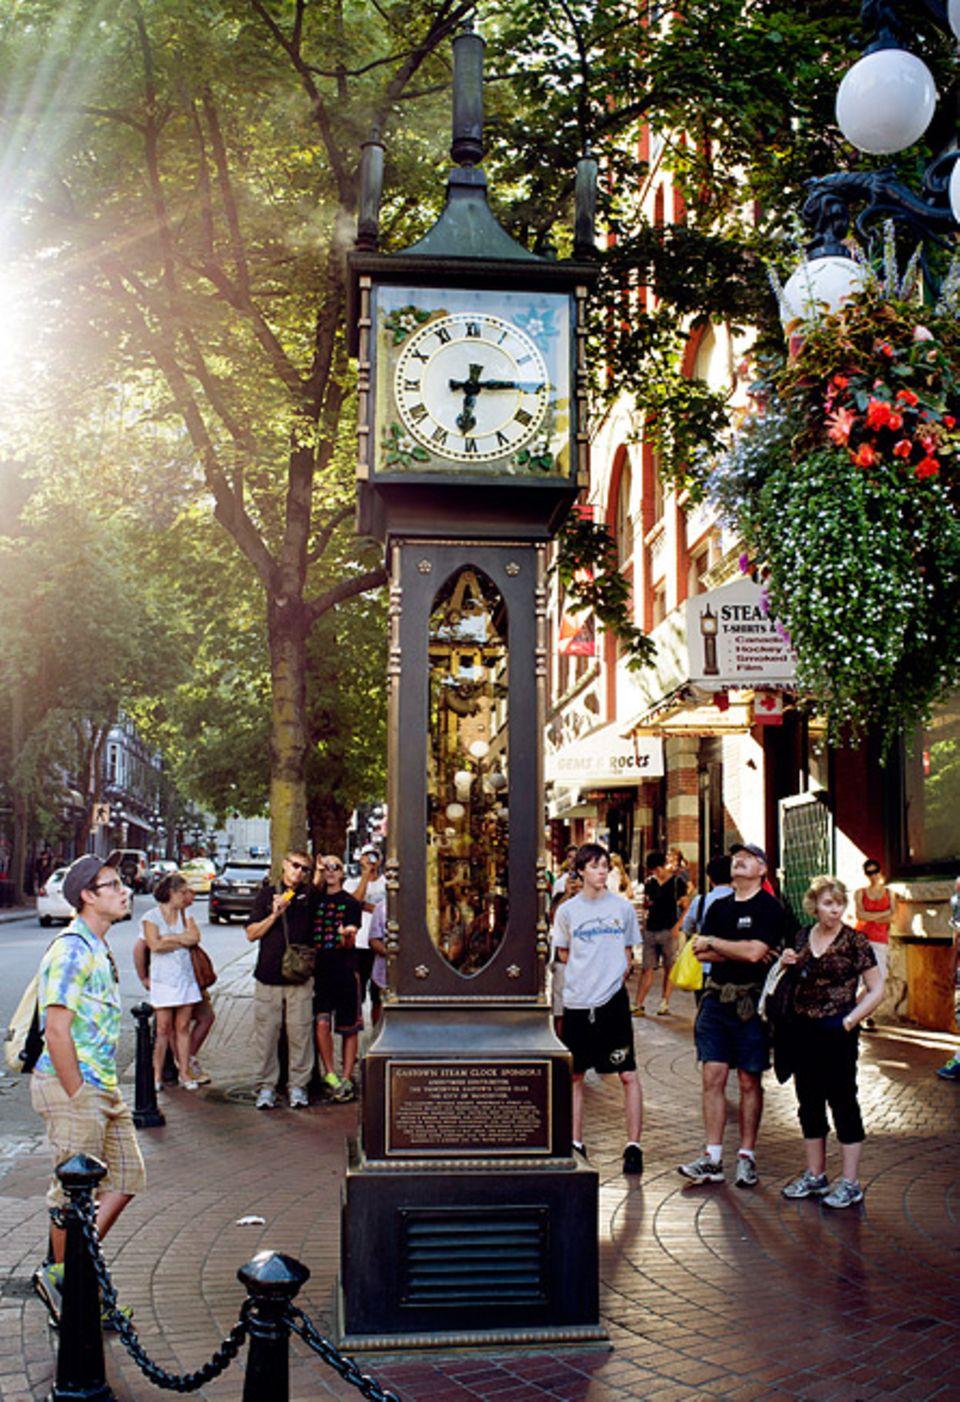 Städtereise: Die Gasuhr von Vancouver ist das weltweit erste Exemplar der gasbetriebenen Uhren, ein Nachbau steht seit 1994 in Otaru, Japan